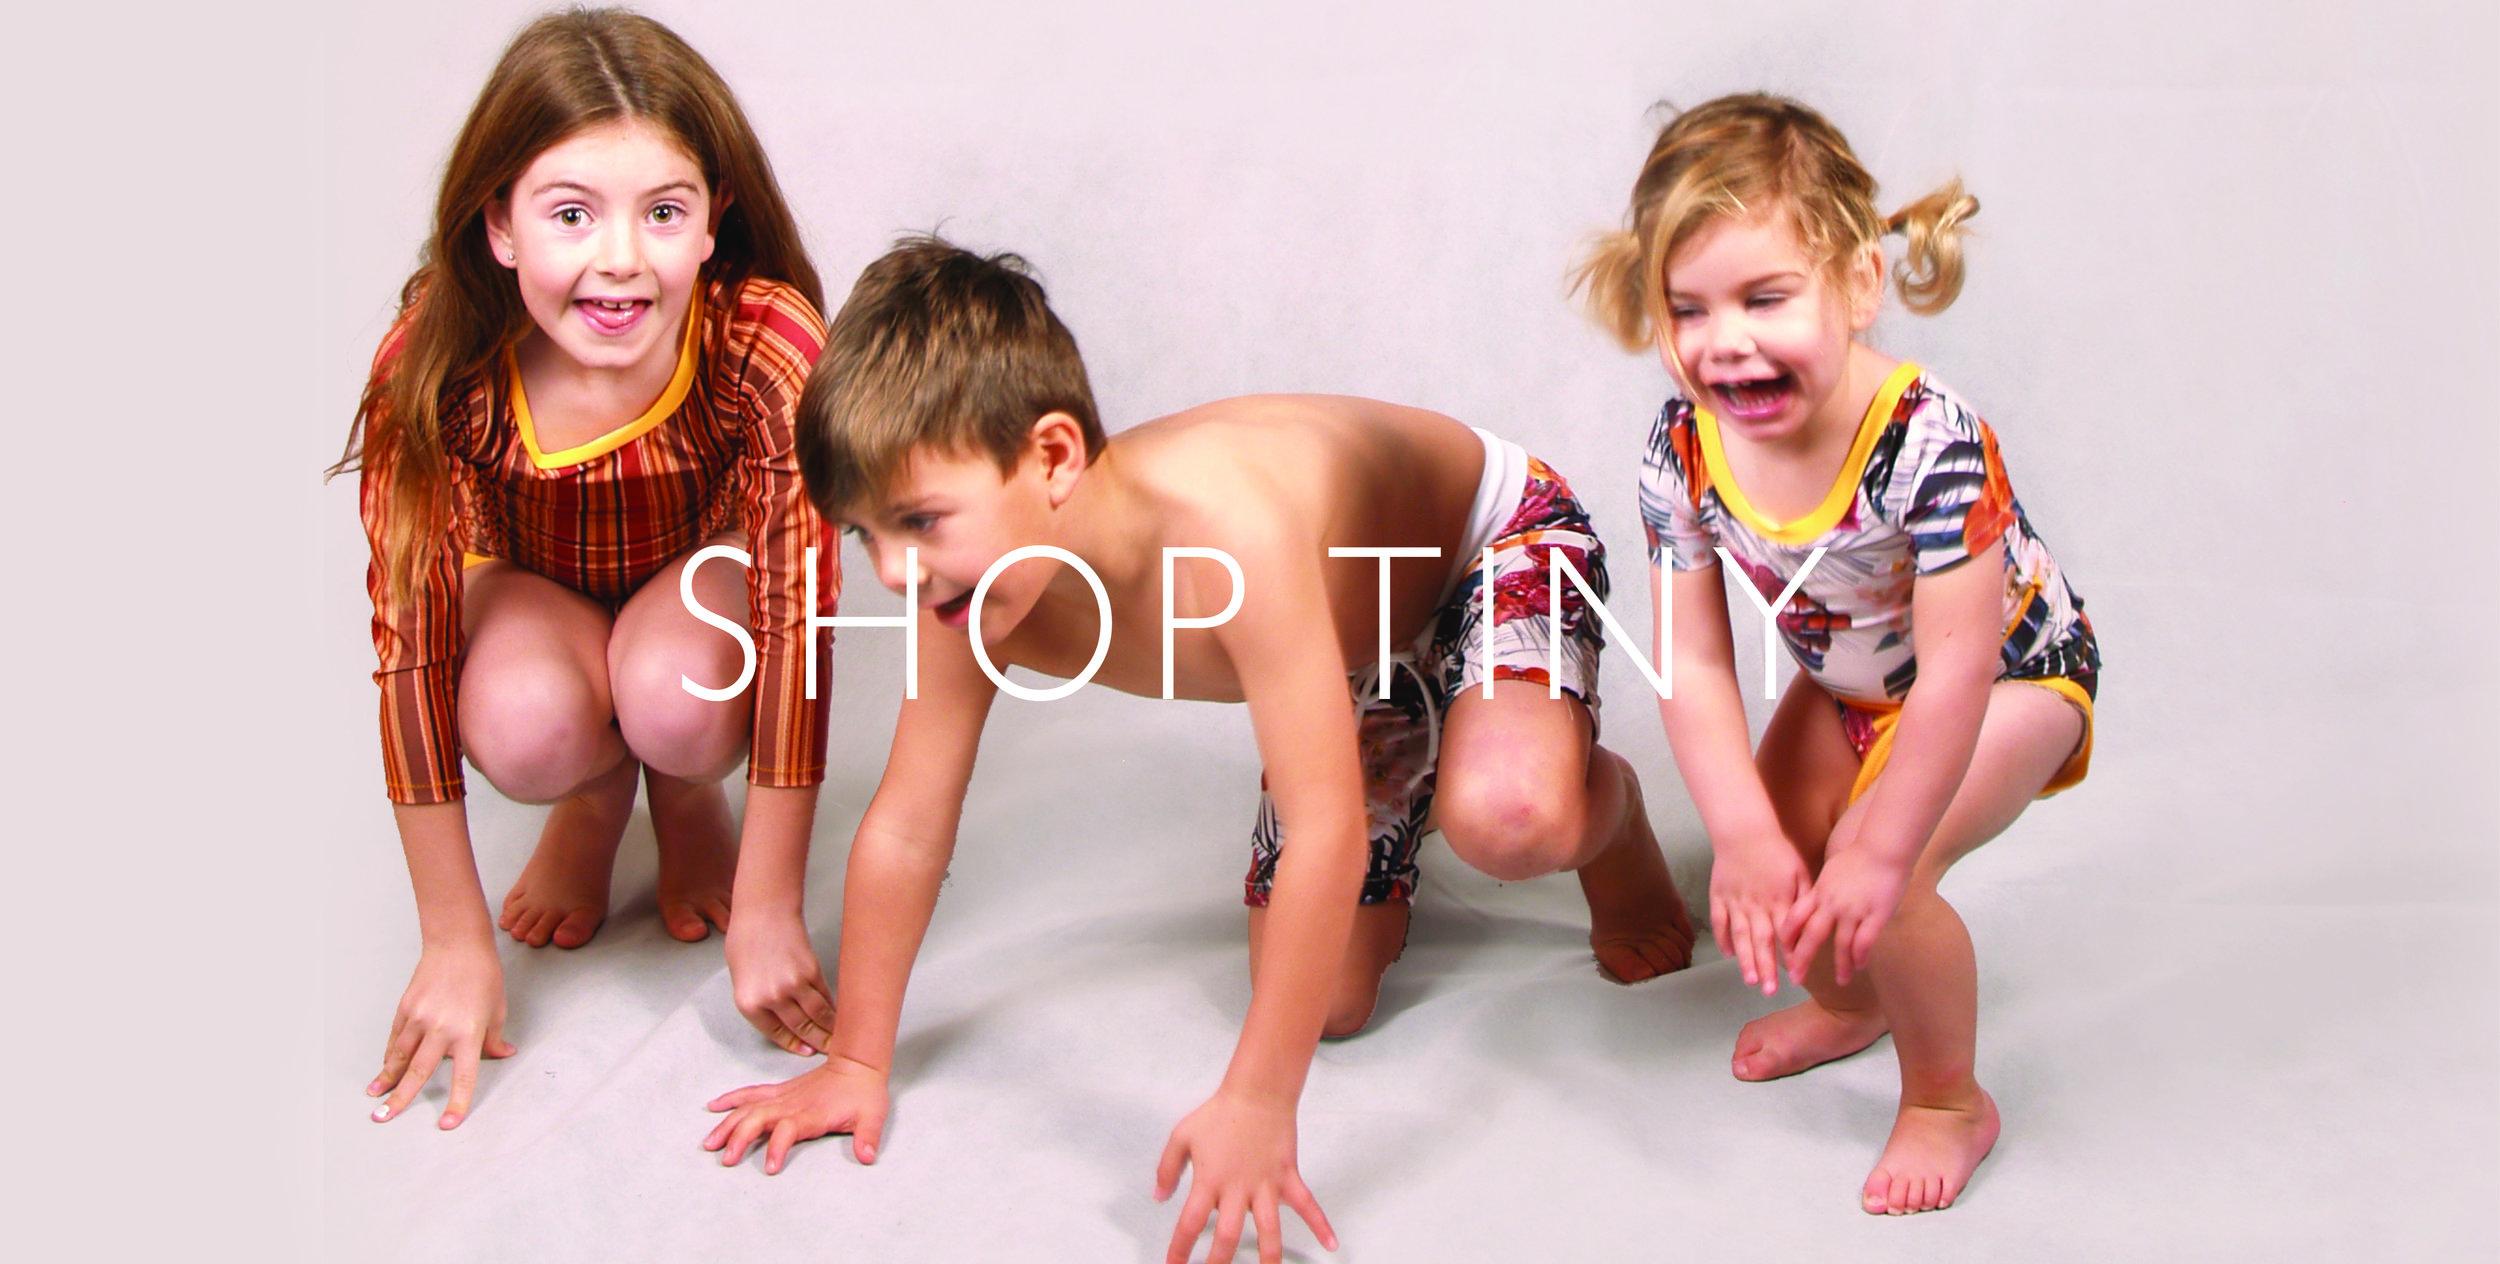 website homepage images122.jpg